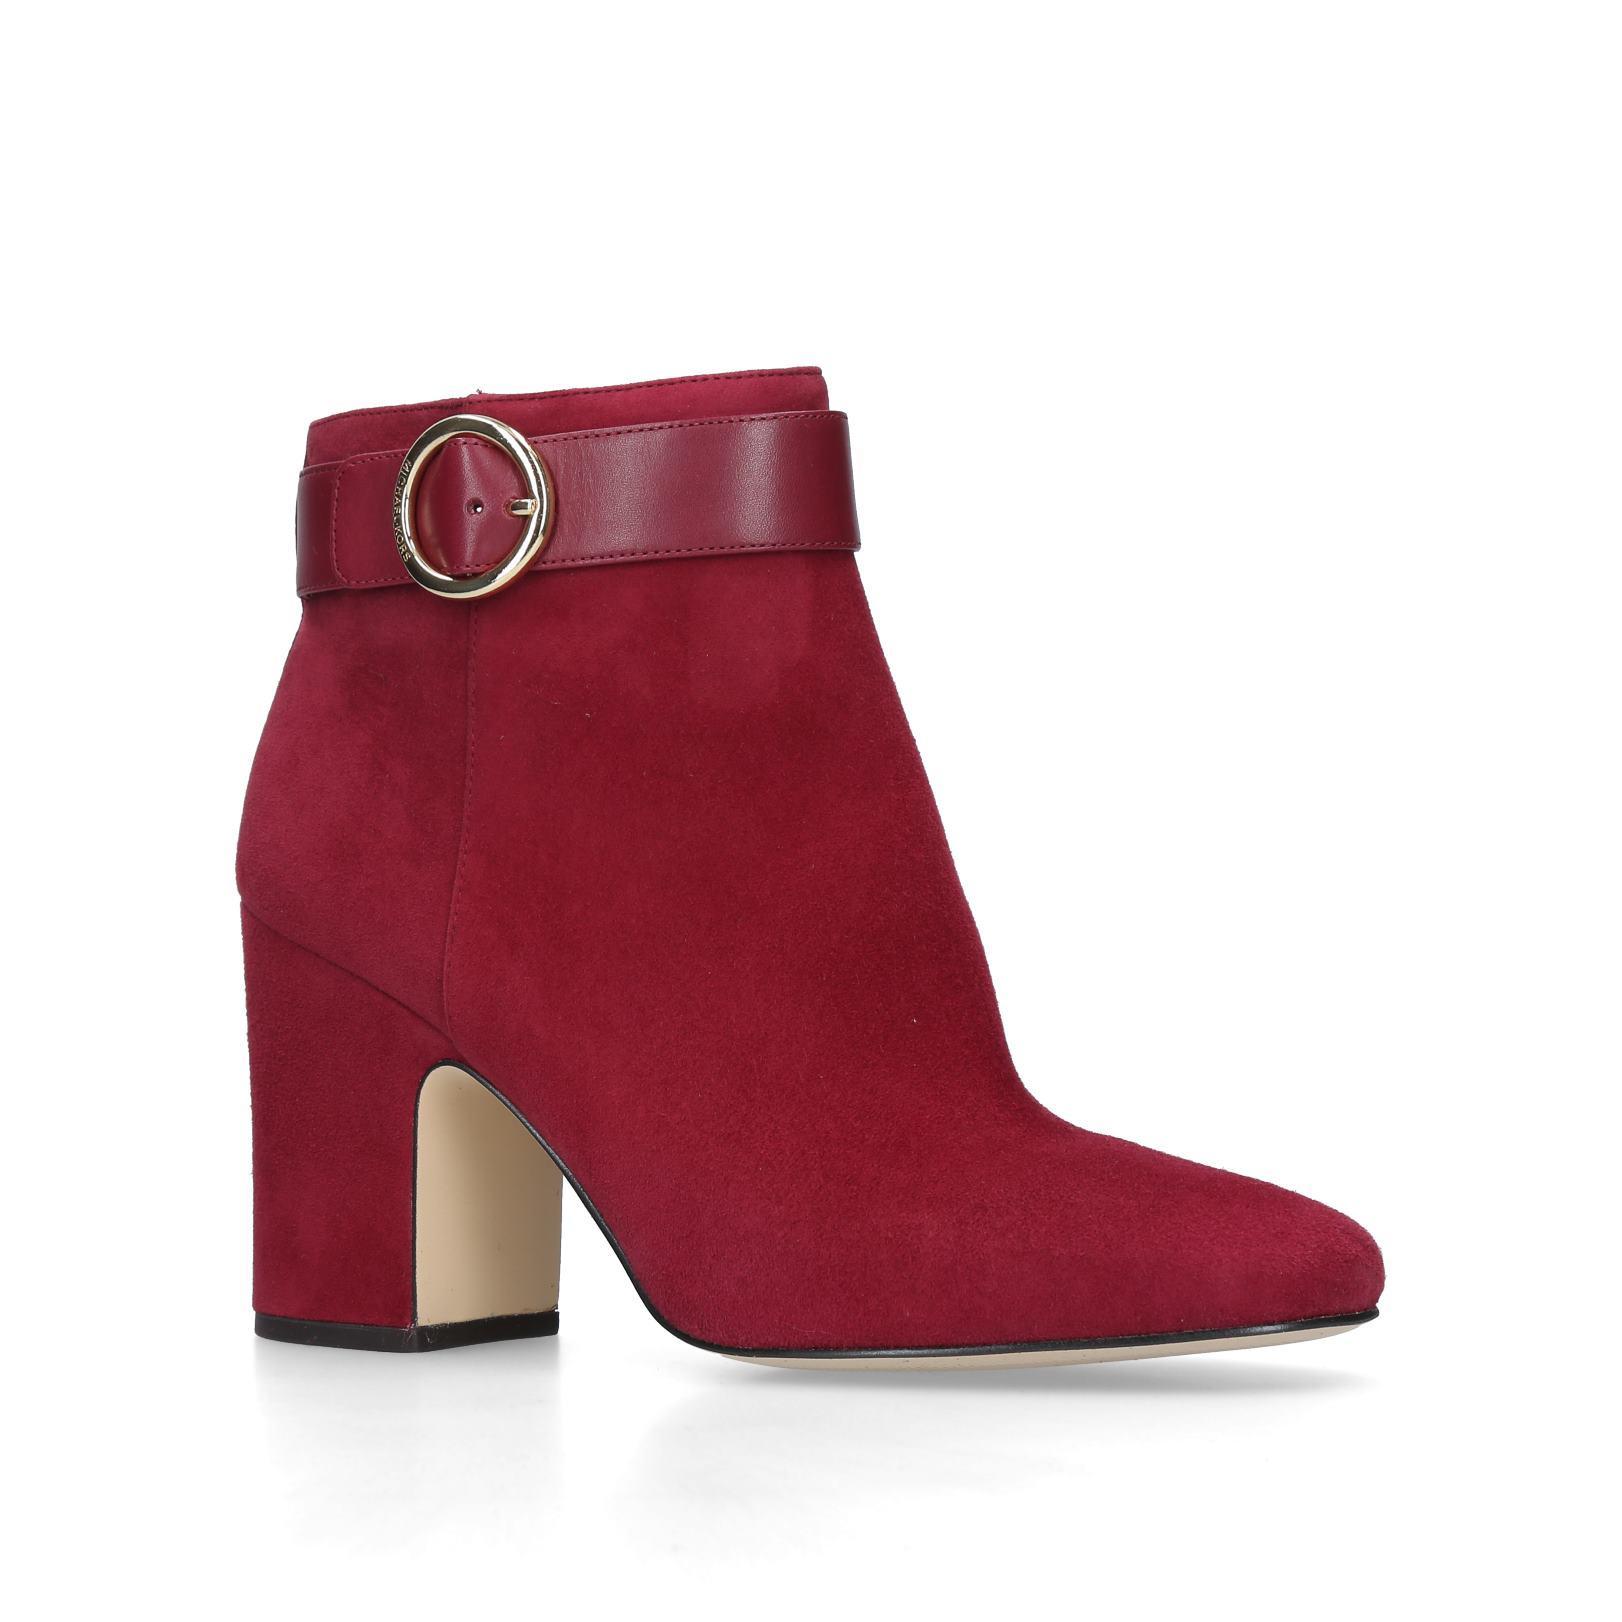 5173c7bf84d5c ALANA BOOTIE Alana Bootie Mmkors Red Dark Heel